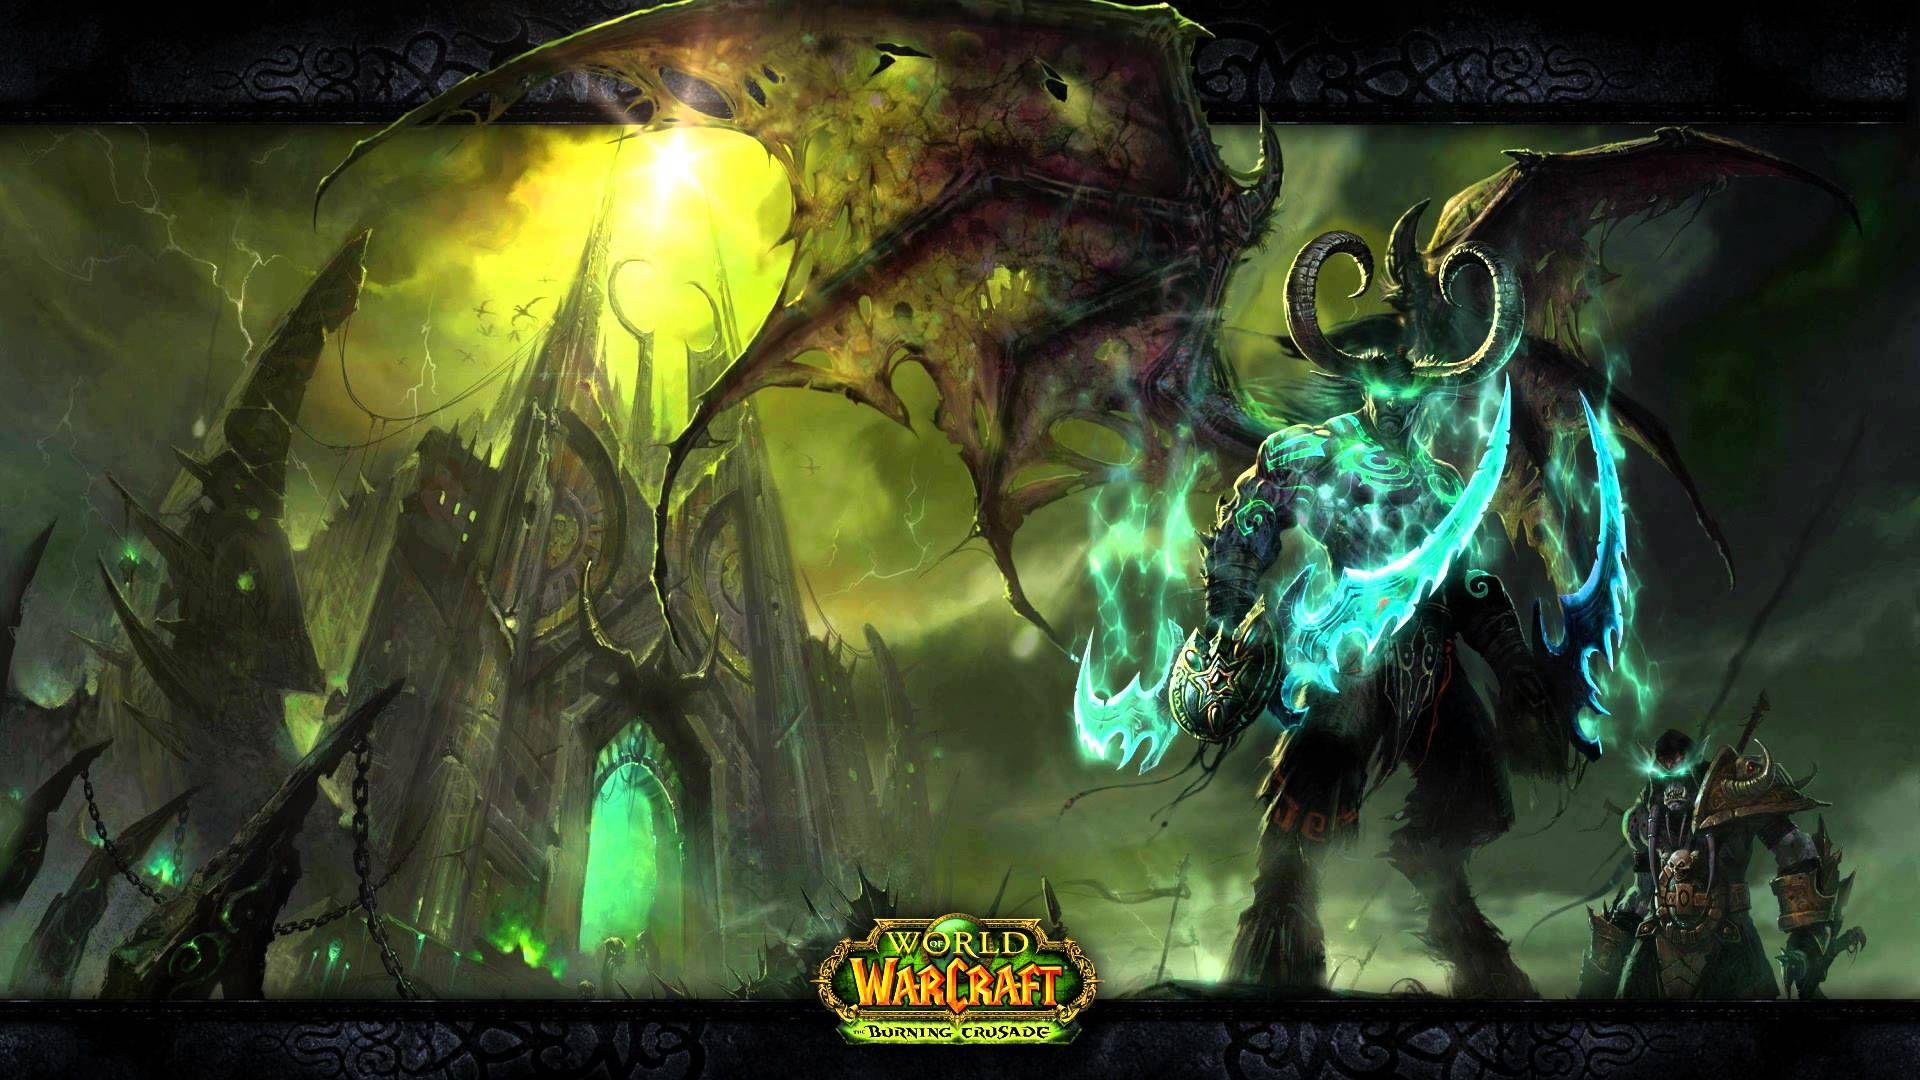 World Of Warcraft Anaheim Convention Center 198635 Hd